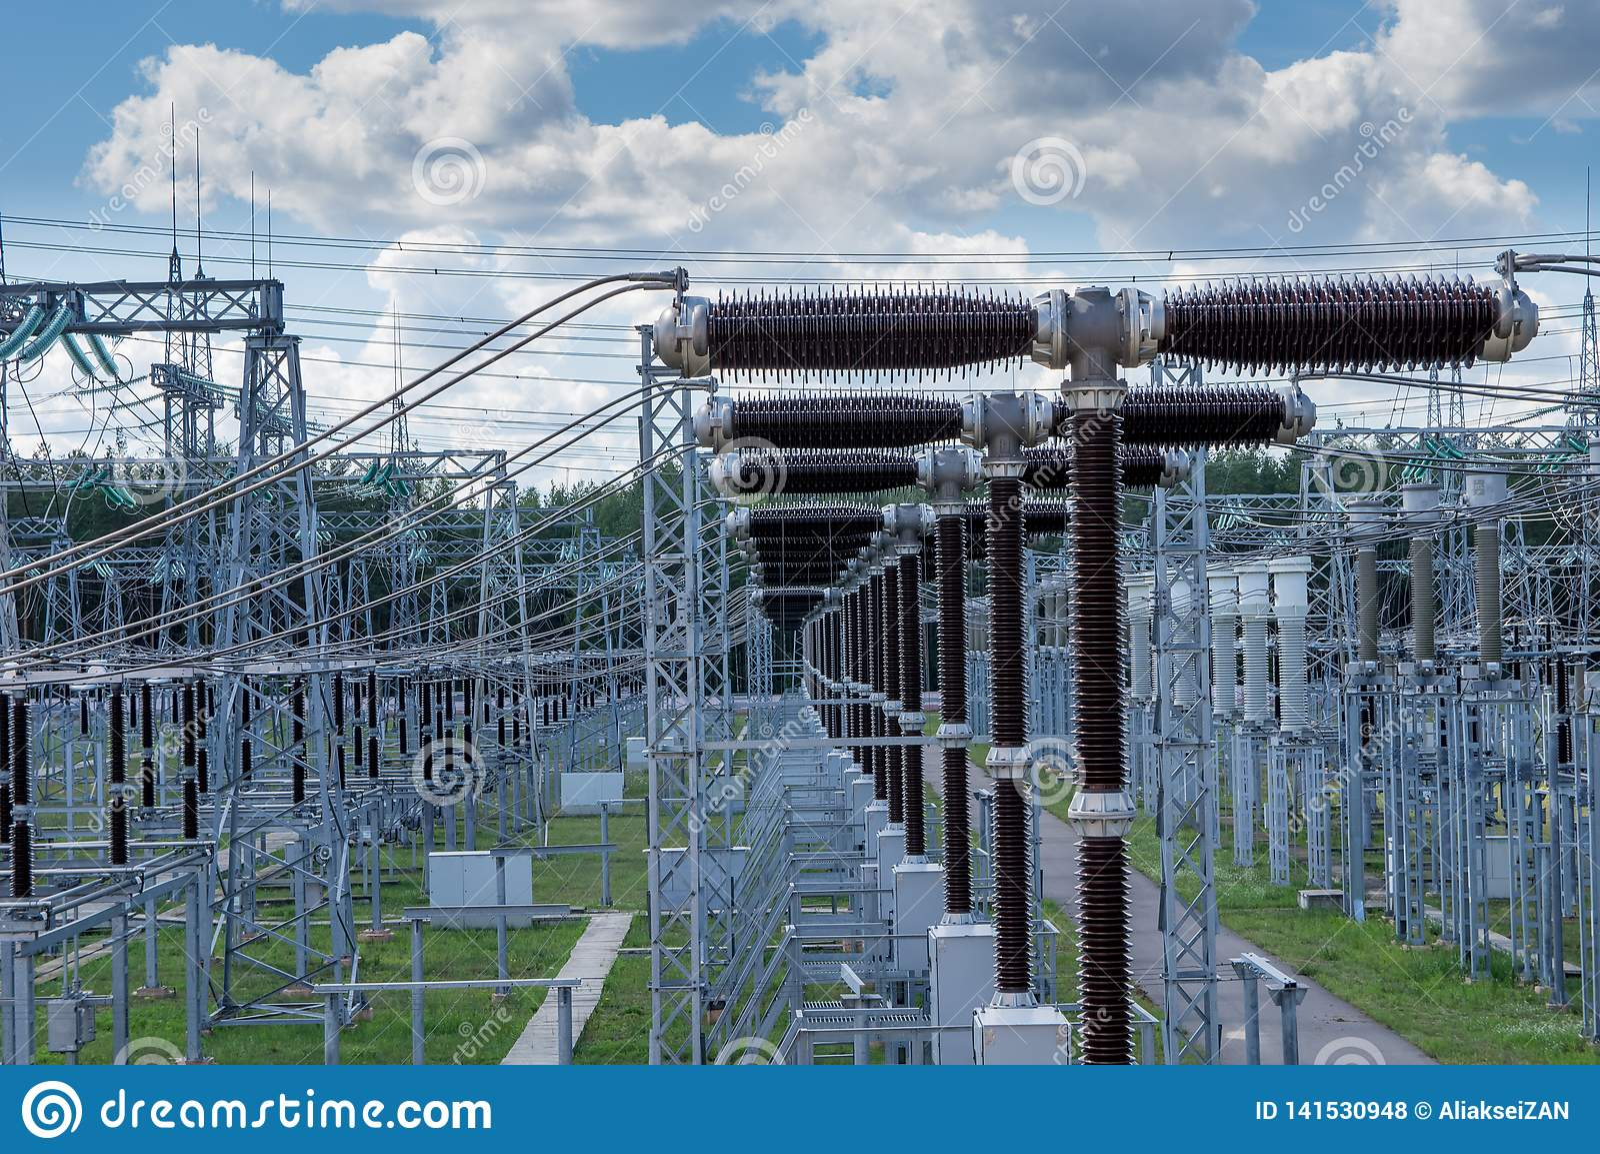 Электрическая подстанция 330 kV, серия выключателей высокого напряжения